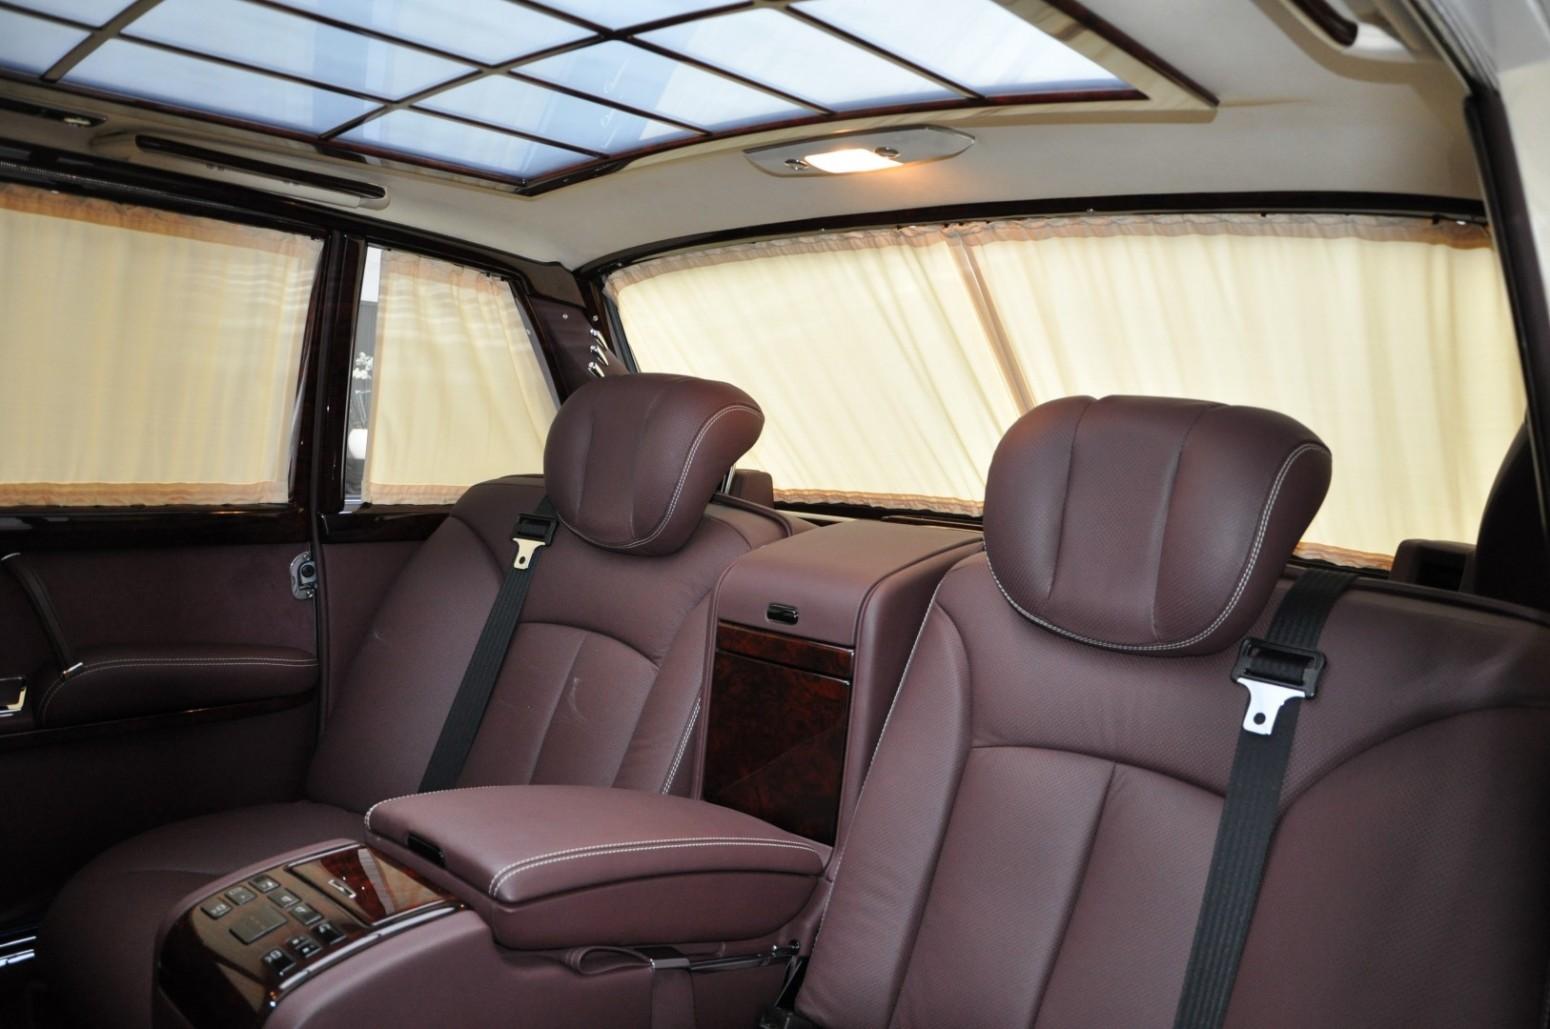 Mercedes-Benz 600 Pullman luxury